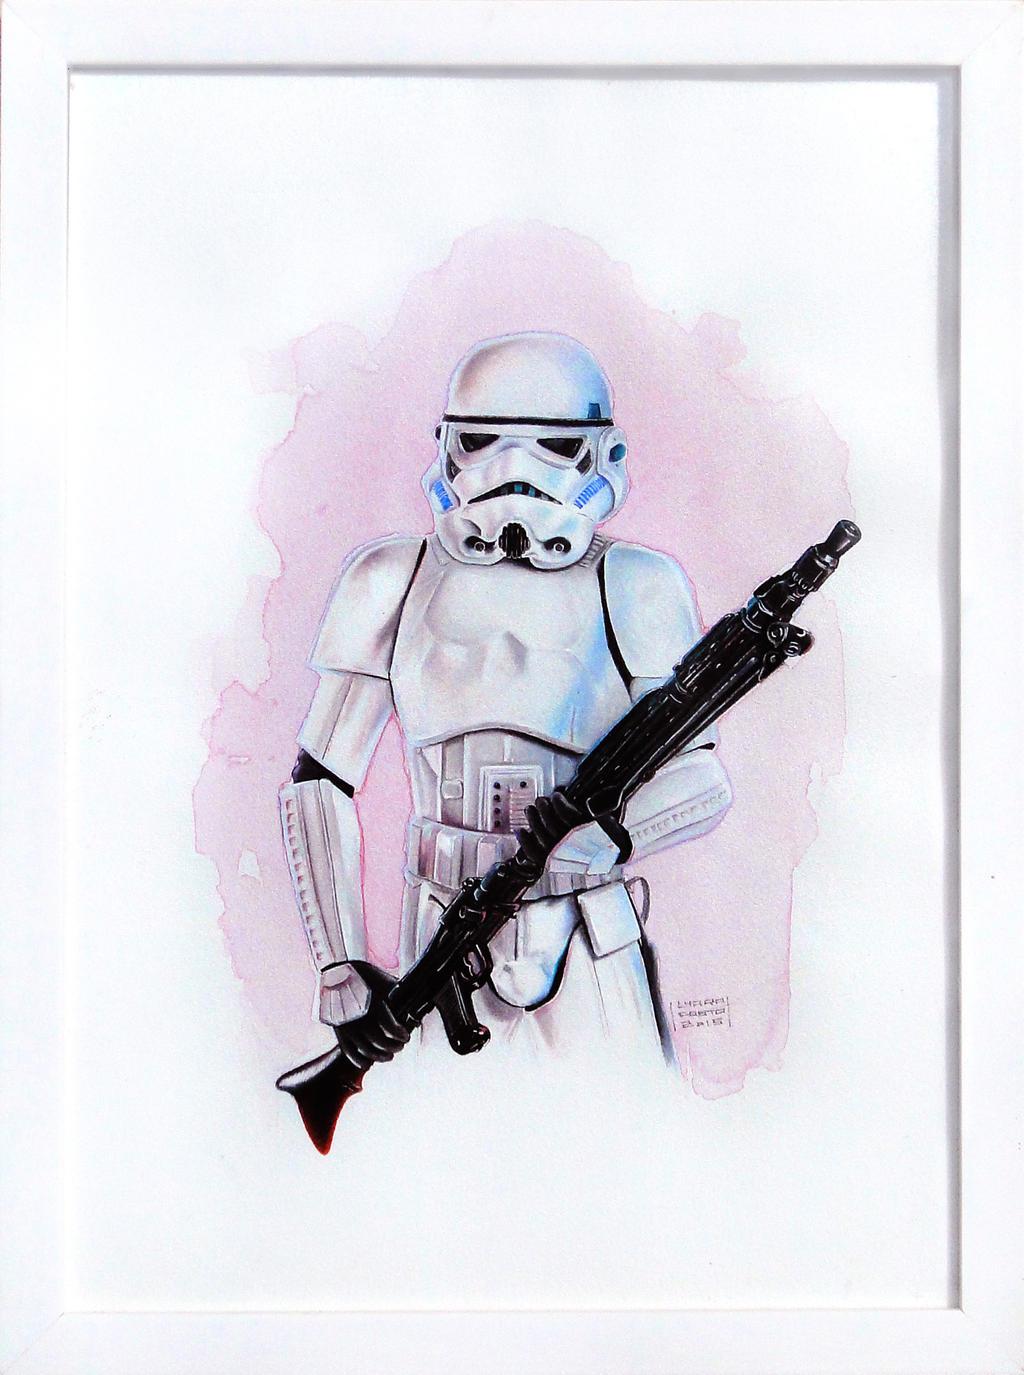 Stormtrooper by Deleitesemcor